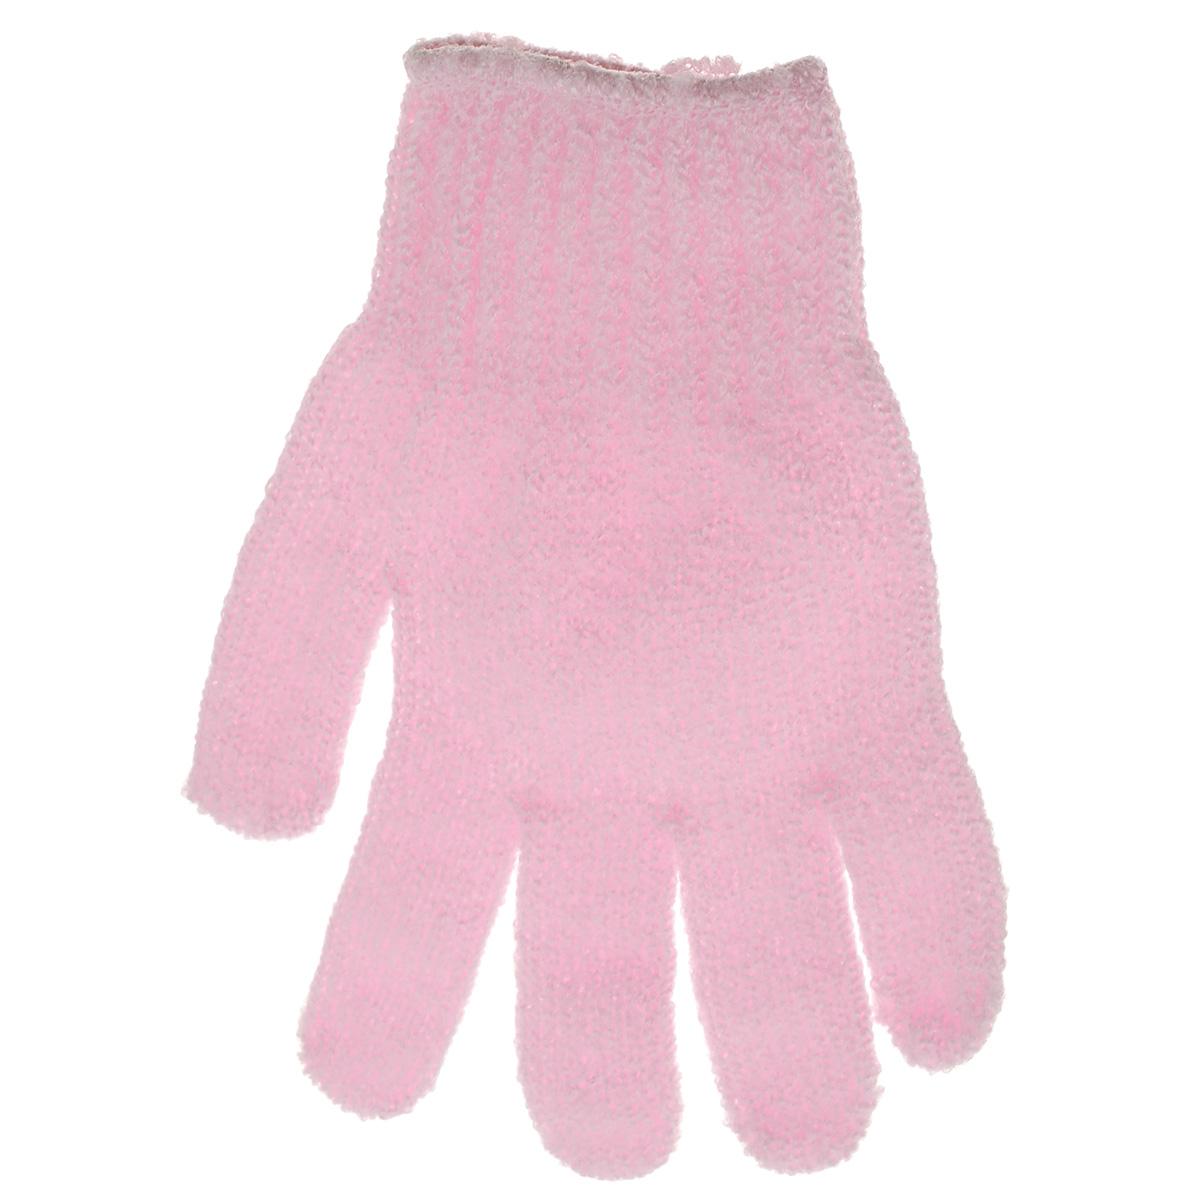 Перчатка массажная The Body Time, цвет: розовый, 17,5 х 12,5 см57201Массажная перчатка The Body Time выполненная из нейлона, прекрасно массирует, тонизирует и очищает кожу. Обладая эффектом скраба, перчатка мягко отшелушивает верхний слой эпидермиса, стимулируя рост новых, молодых клеток, делая кожу здоровой и красивой. Перчатка используется для душа или для массажных процедур.Размер перчатки: 17,5 х 12,5 см.